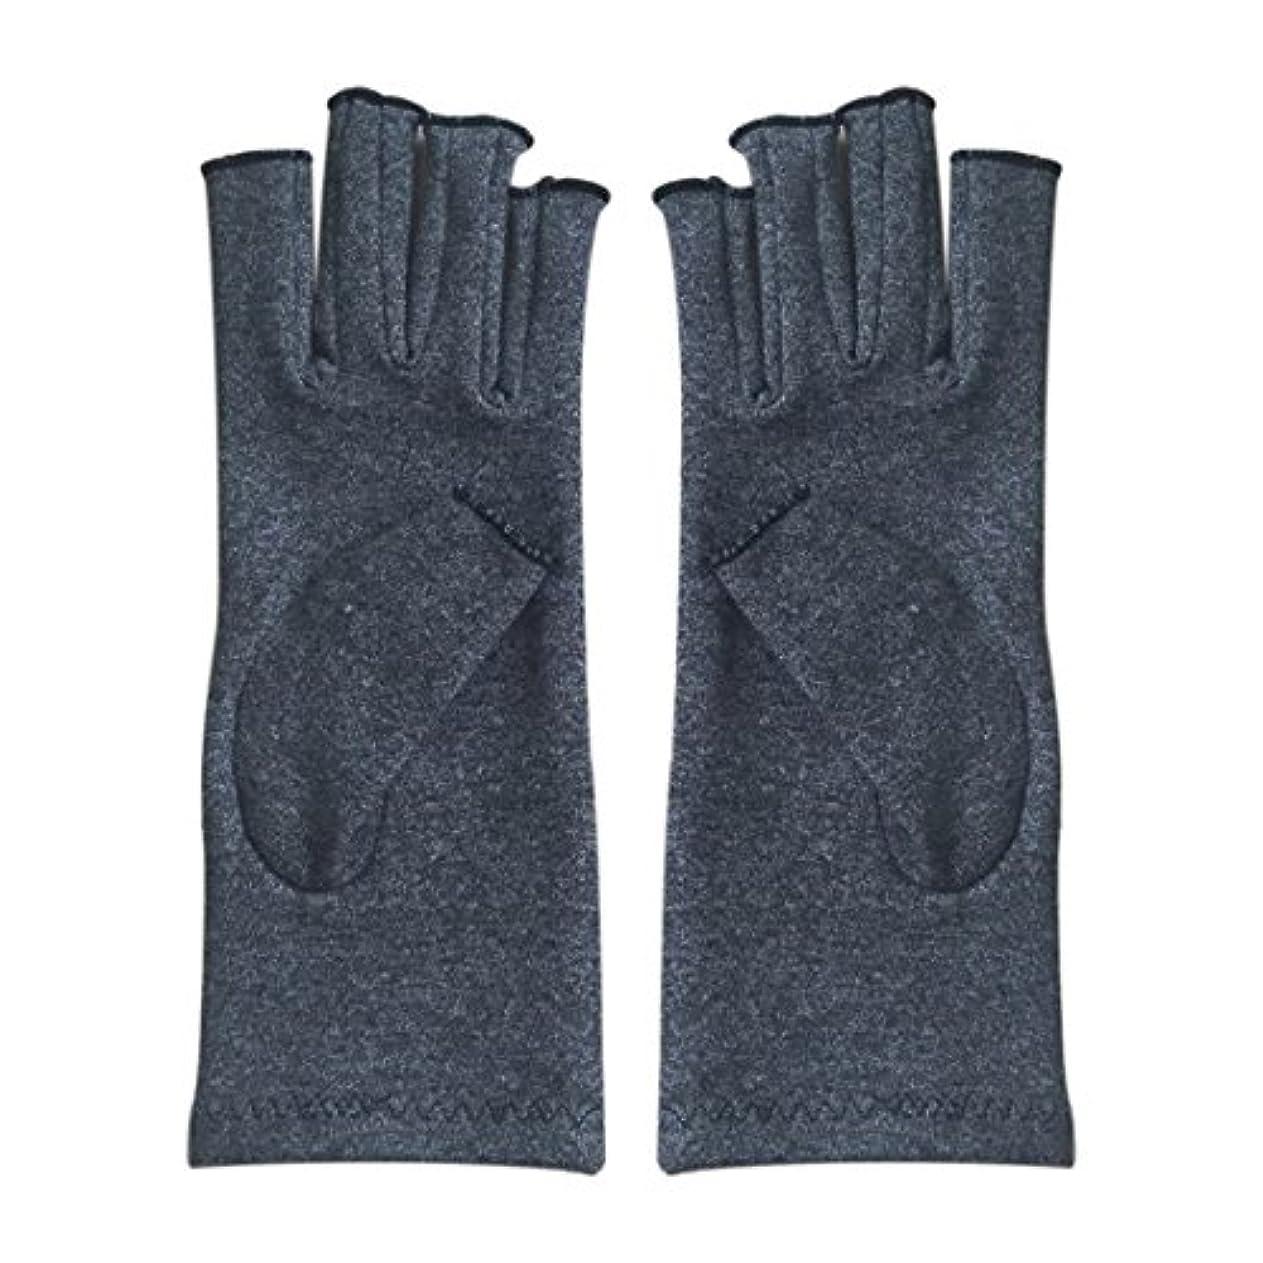 振りかける手がかりりGaoominy 1ペア成人男性女性用弾性コットンコンプレッション手袋手関節炎関節痛鎮痛軽減M - 灰色、M